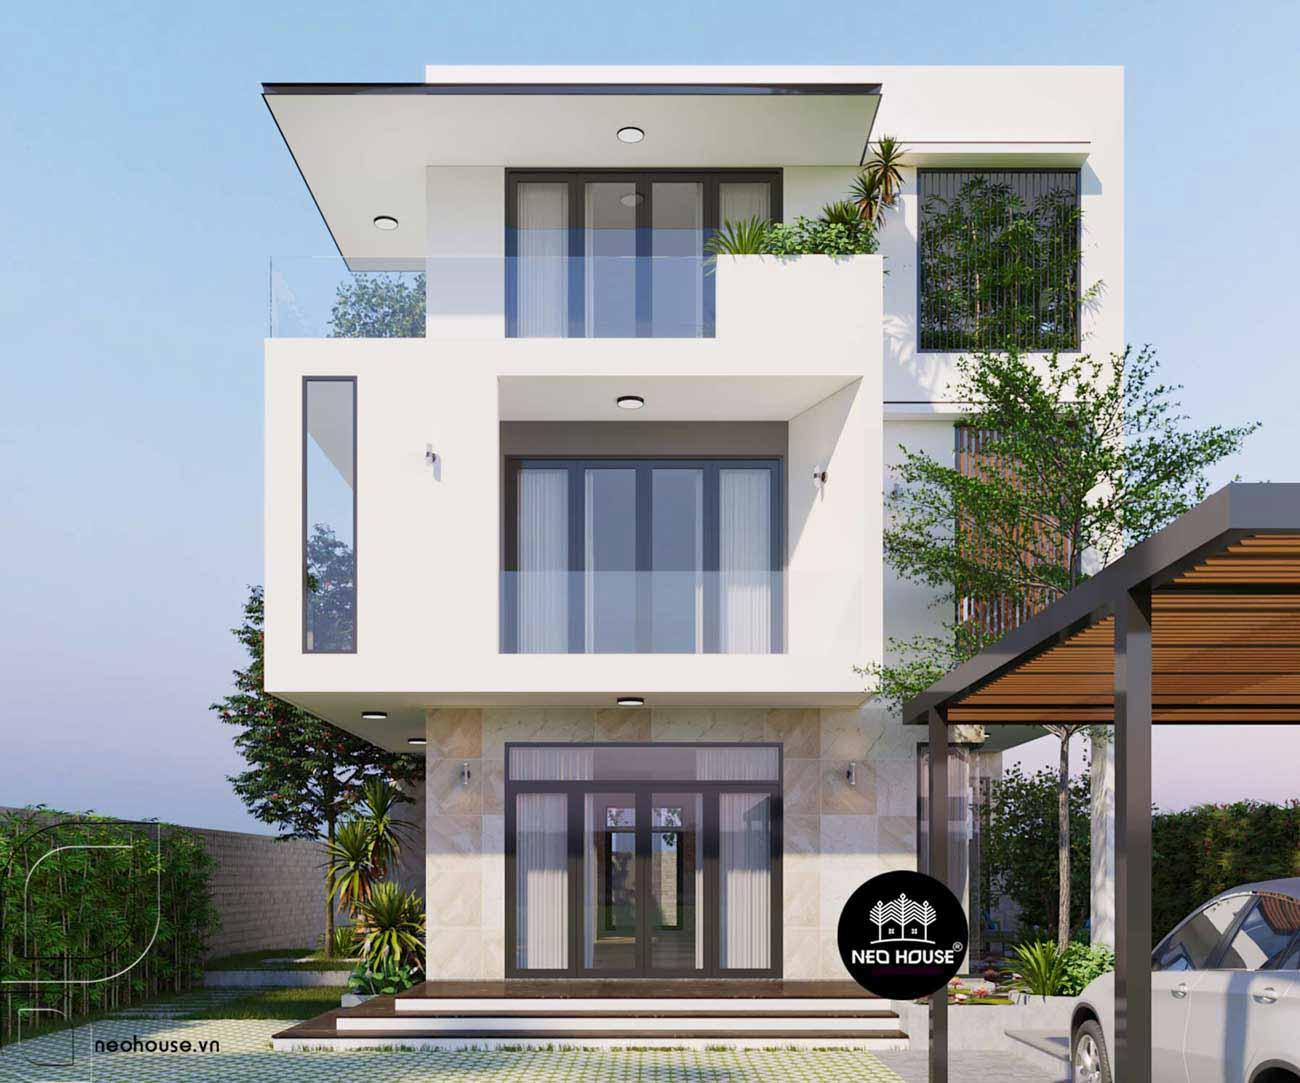 Thiết kế xây dựng biệt thự 3 tầng. Ảnh 3